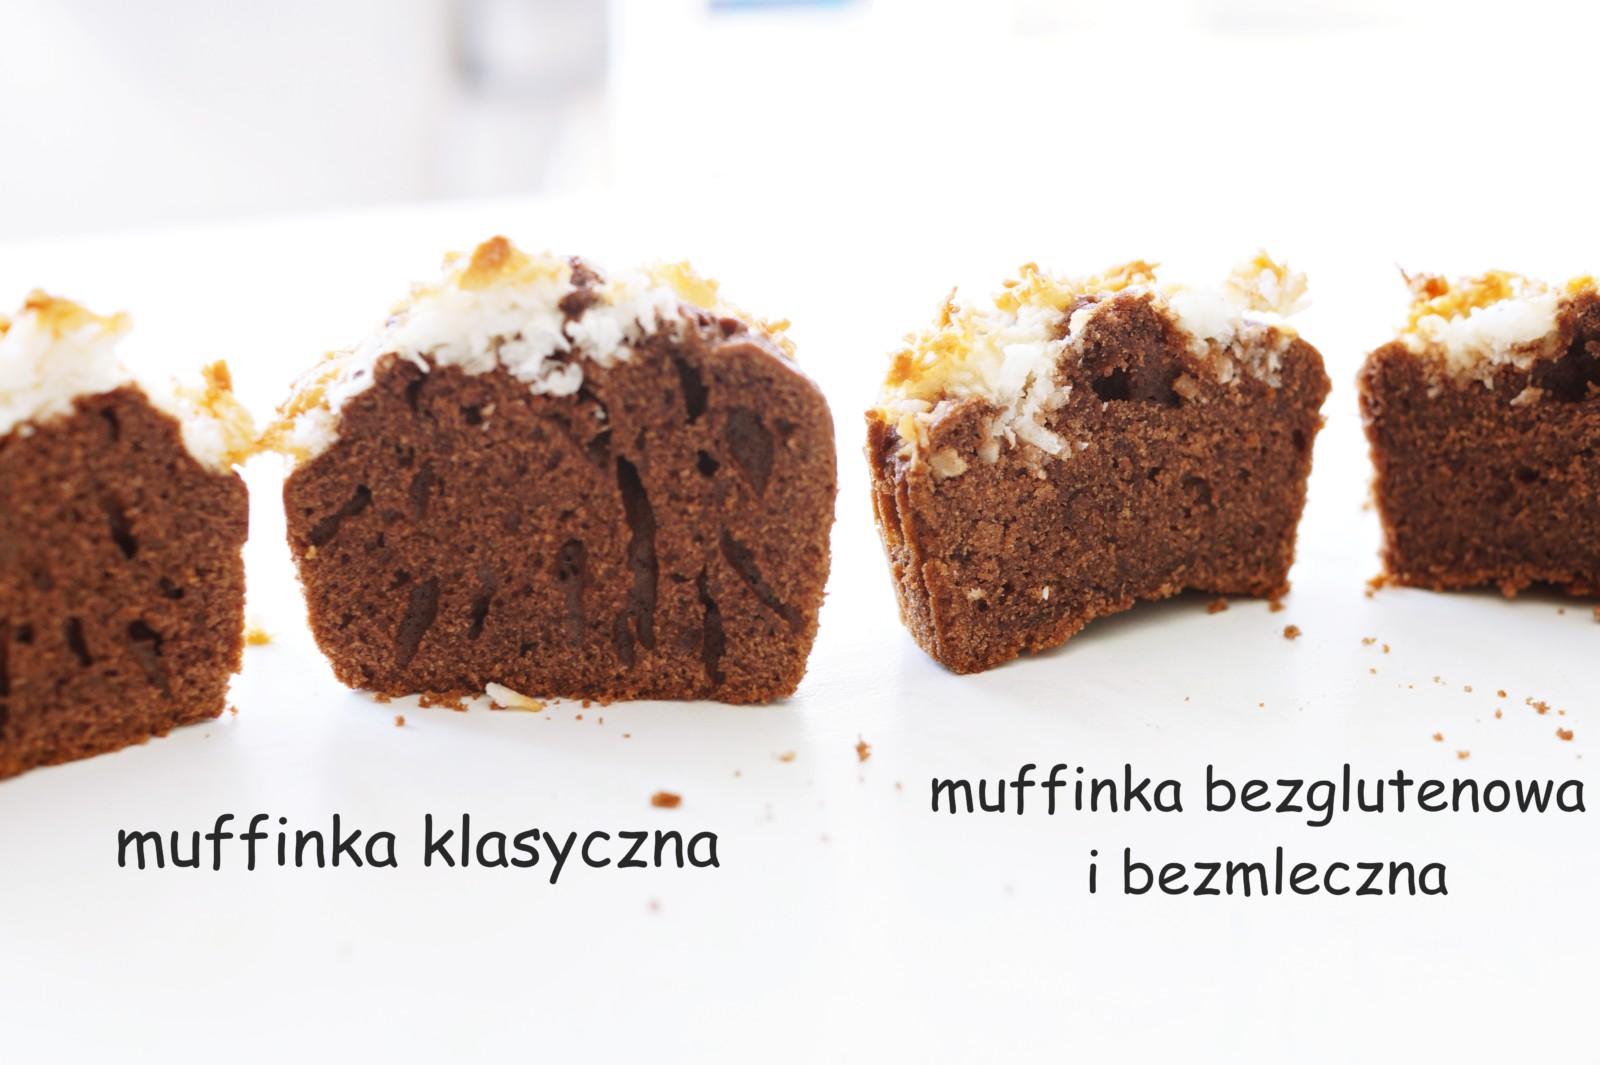 muffinki bezglutenowe i bezmleczne